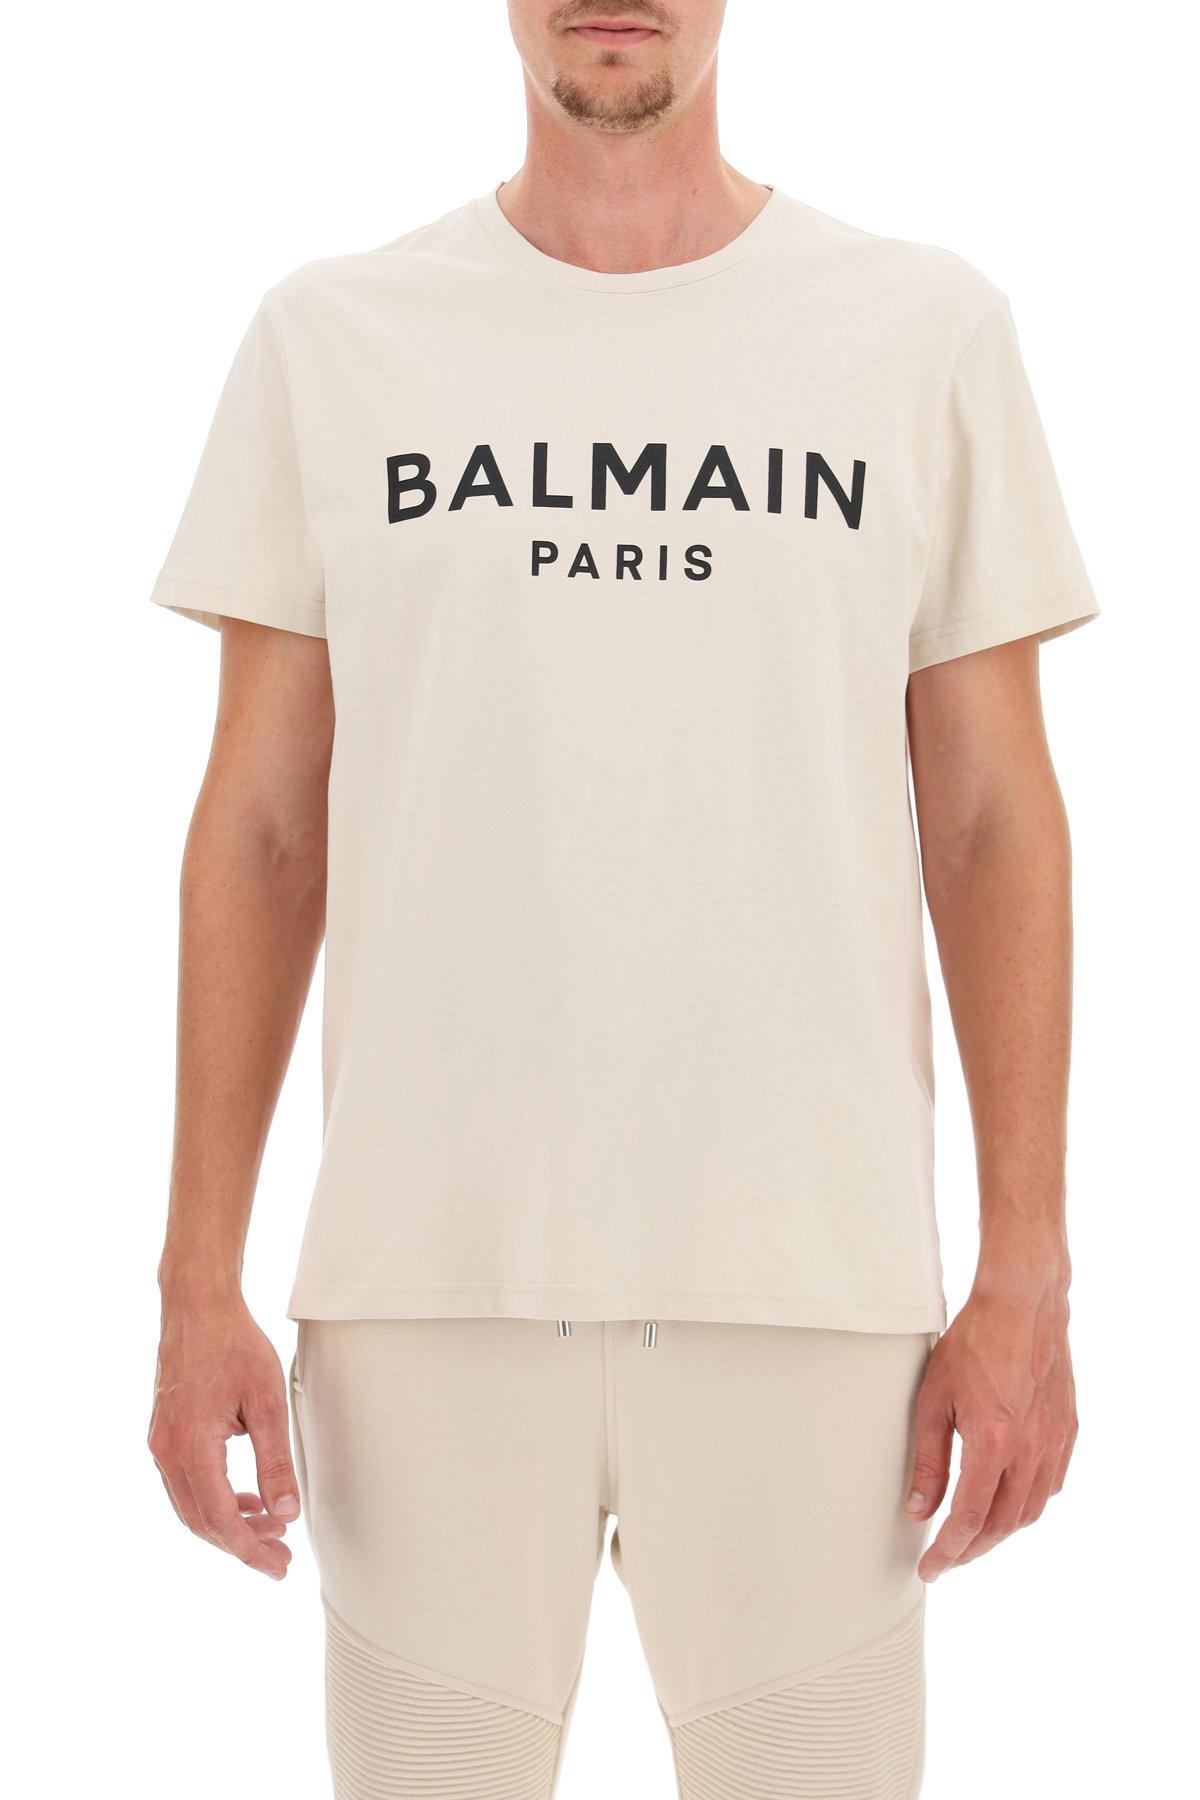 Balmain t-shirt stampa balmain paris